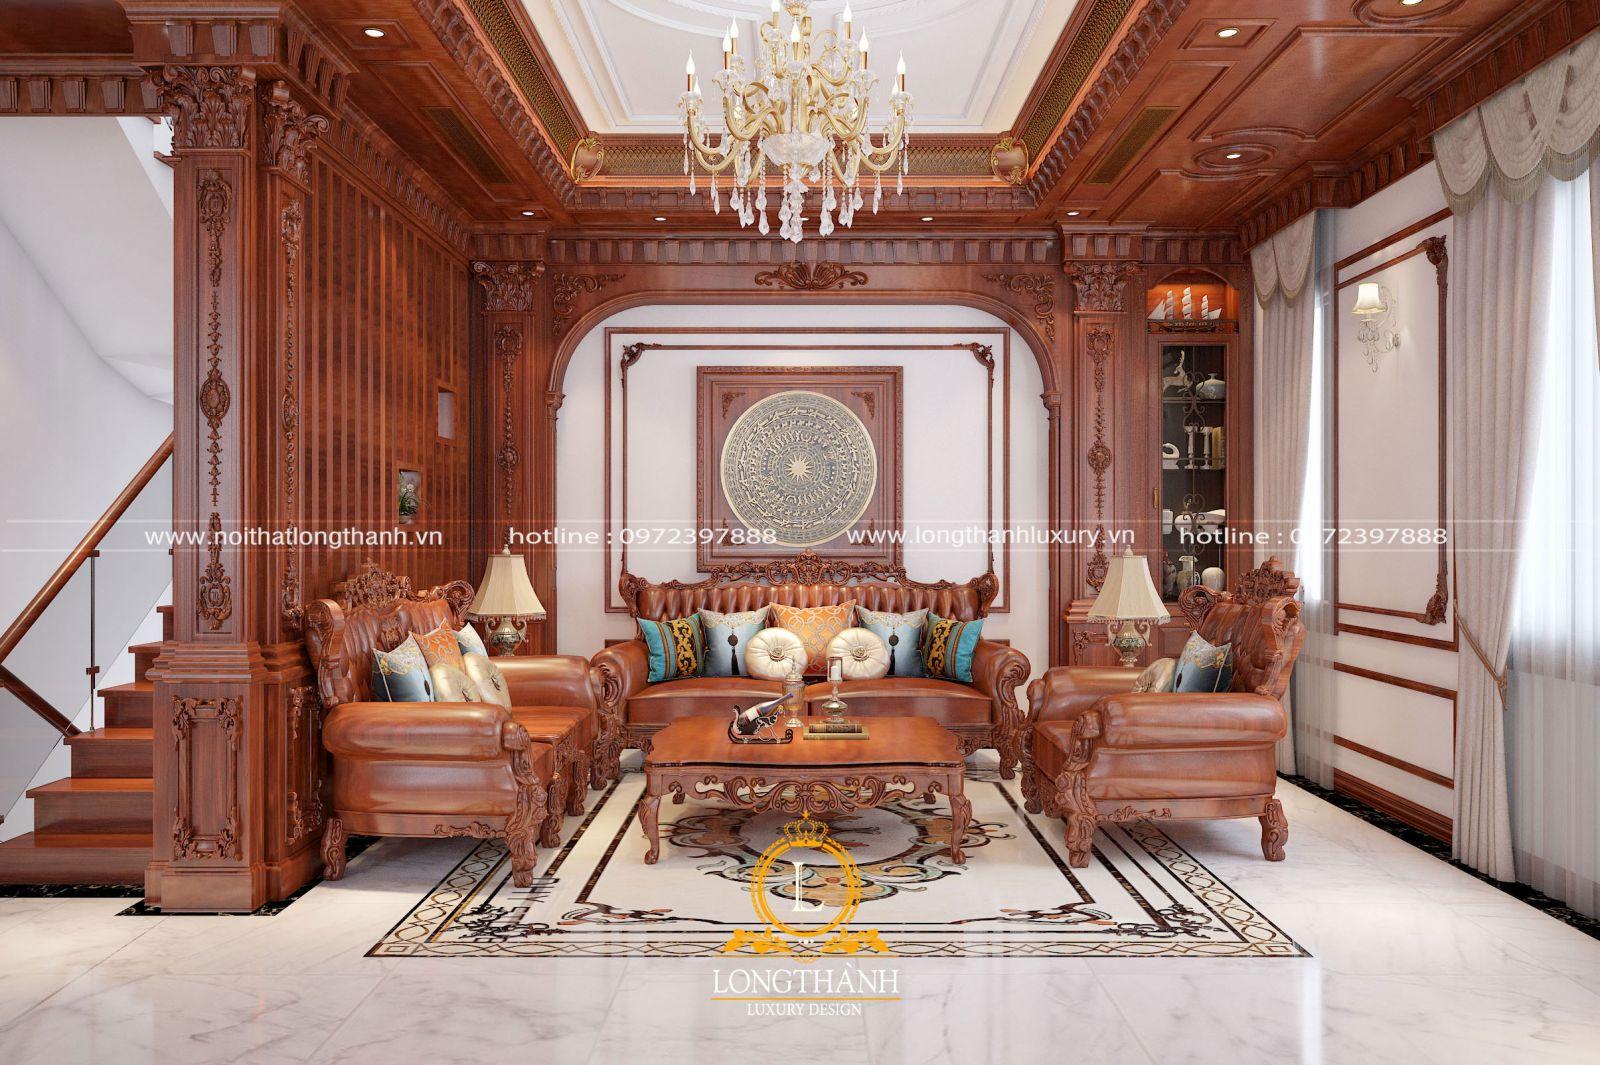 Thảm phòng khách tân cổ điển độc đáo